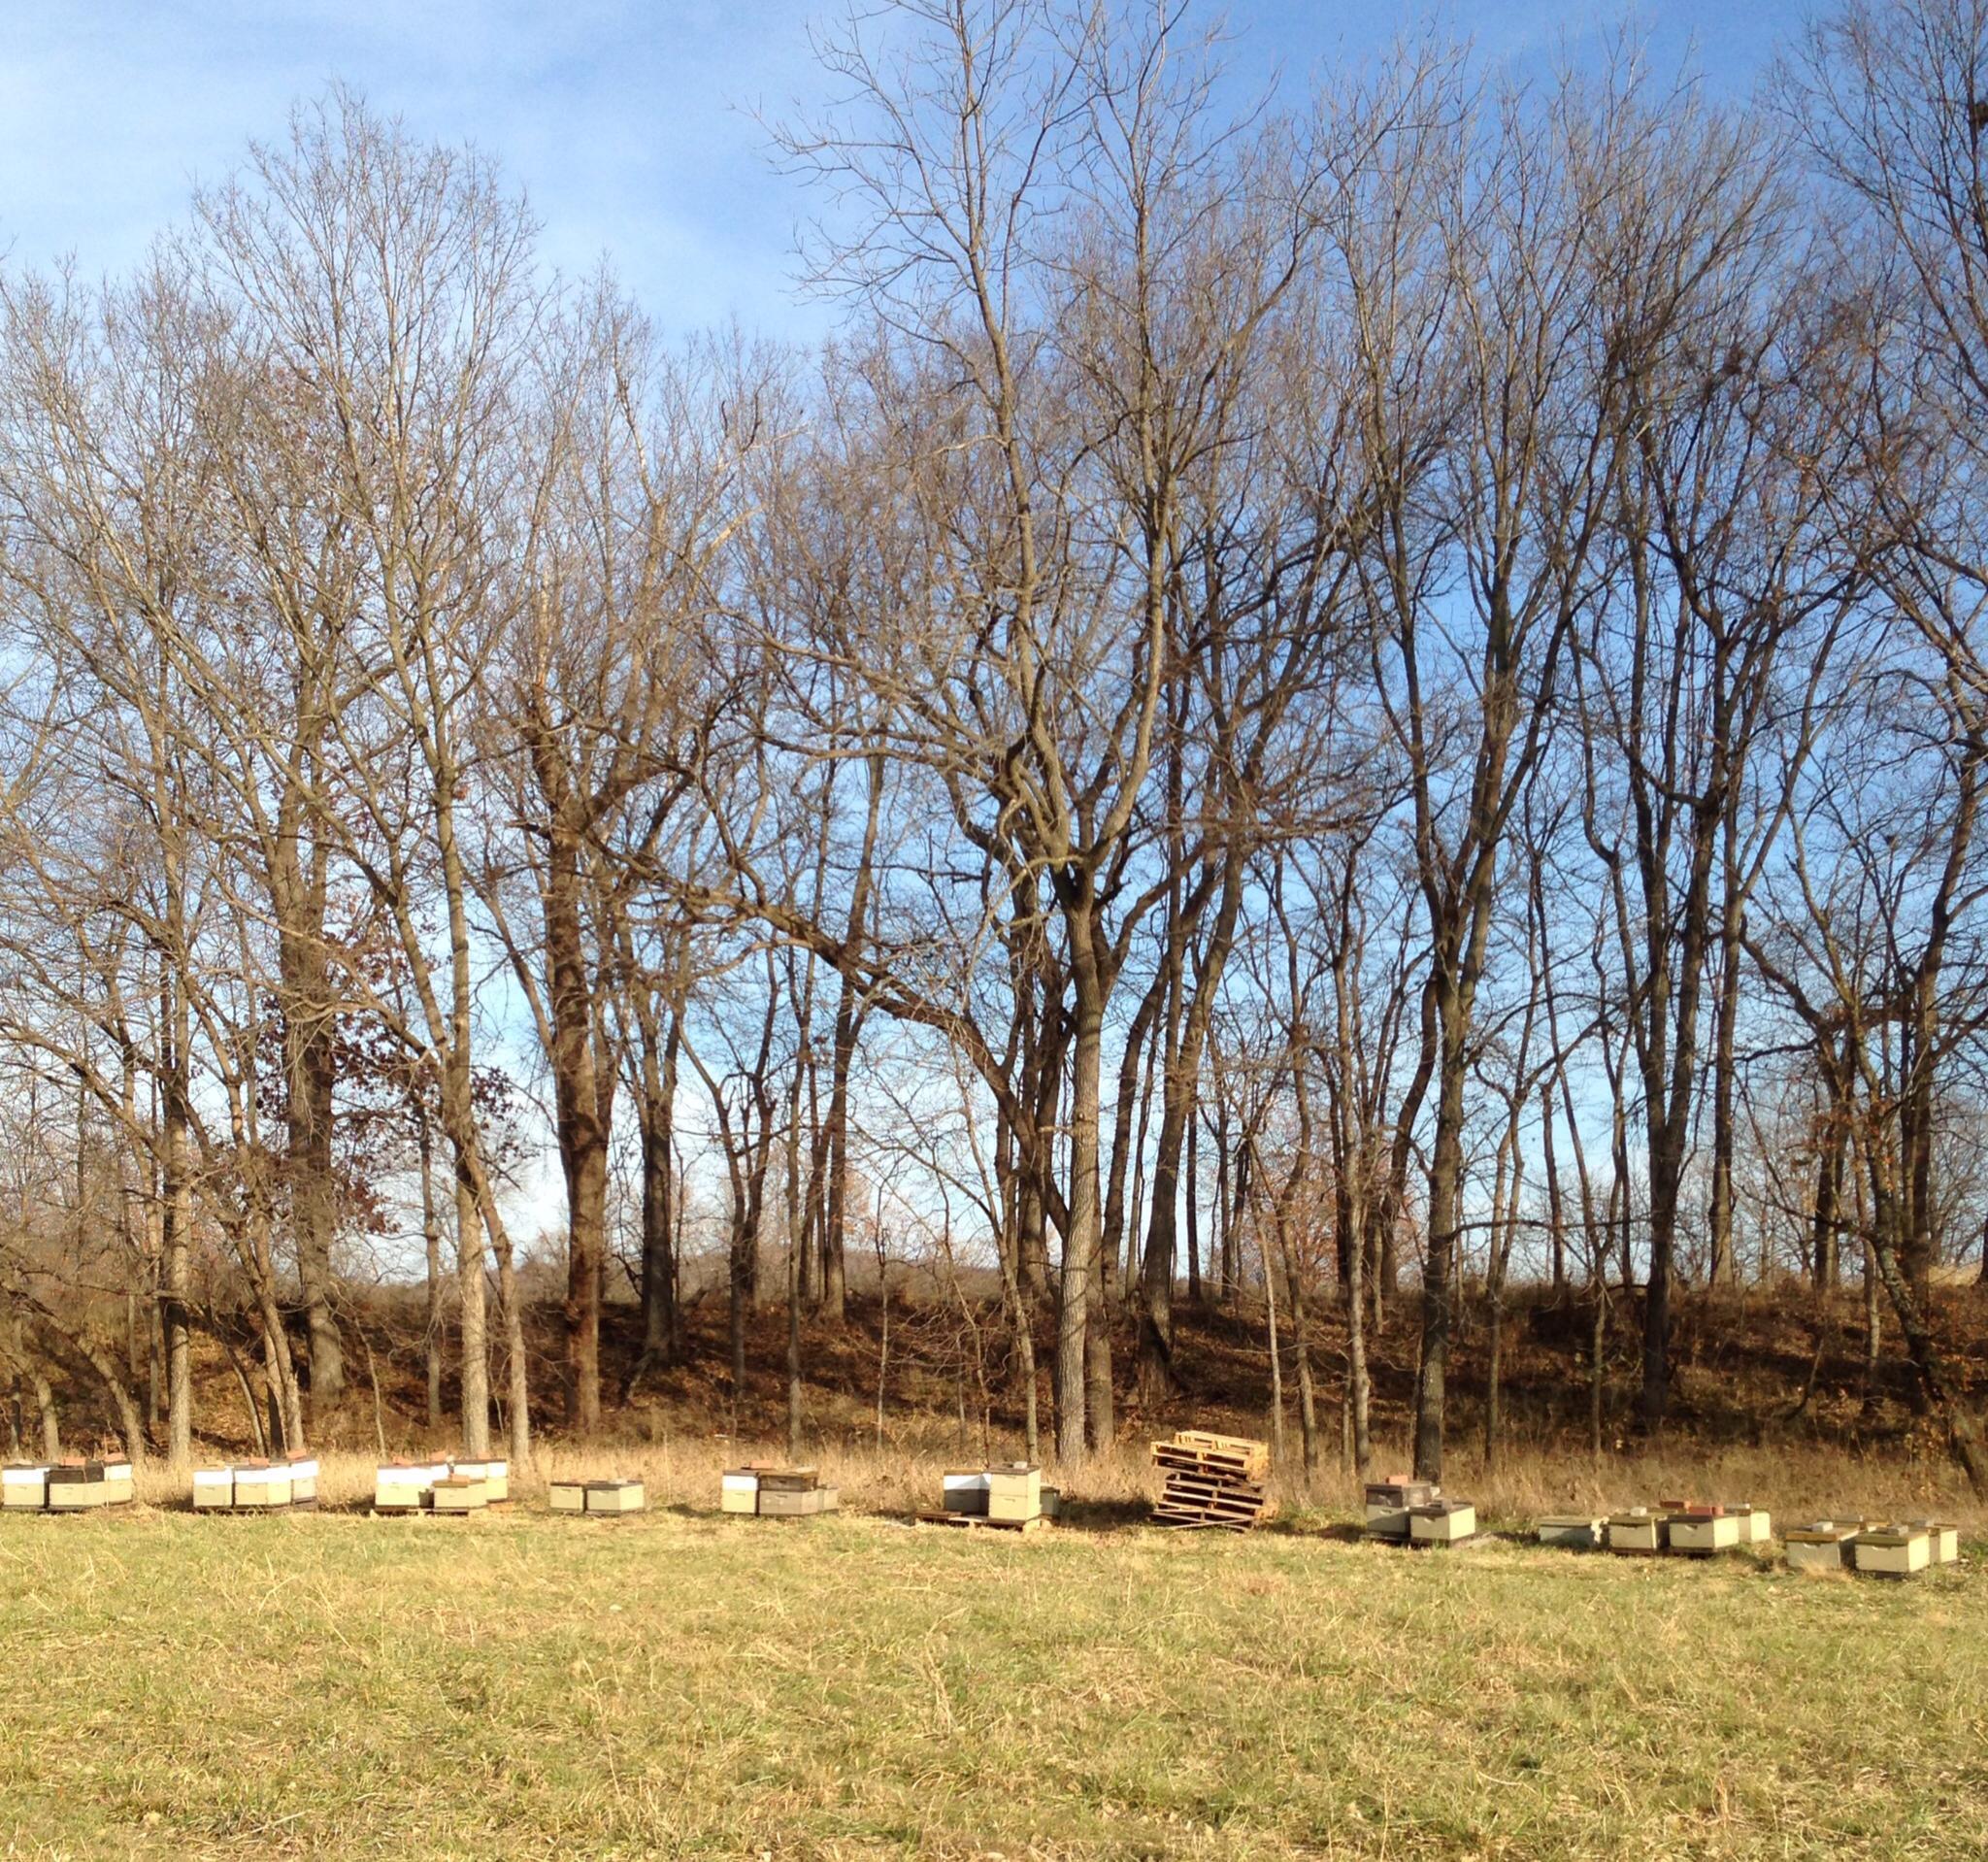 The biggest herd